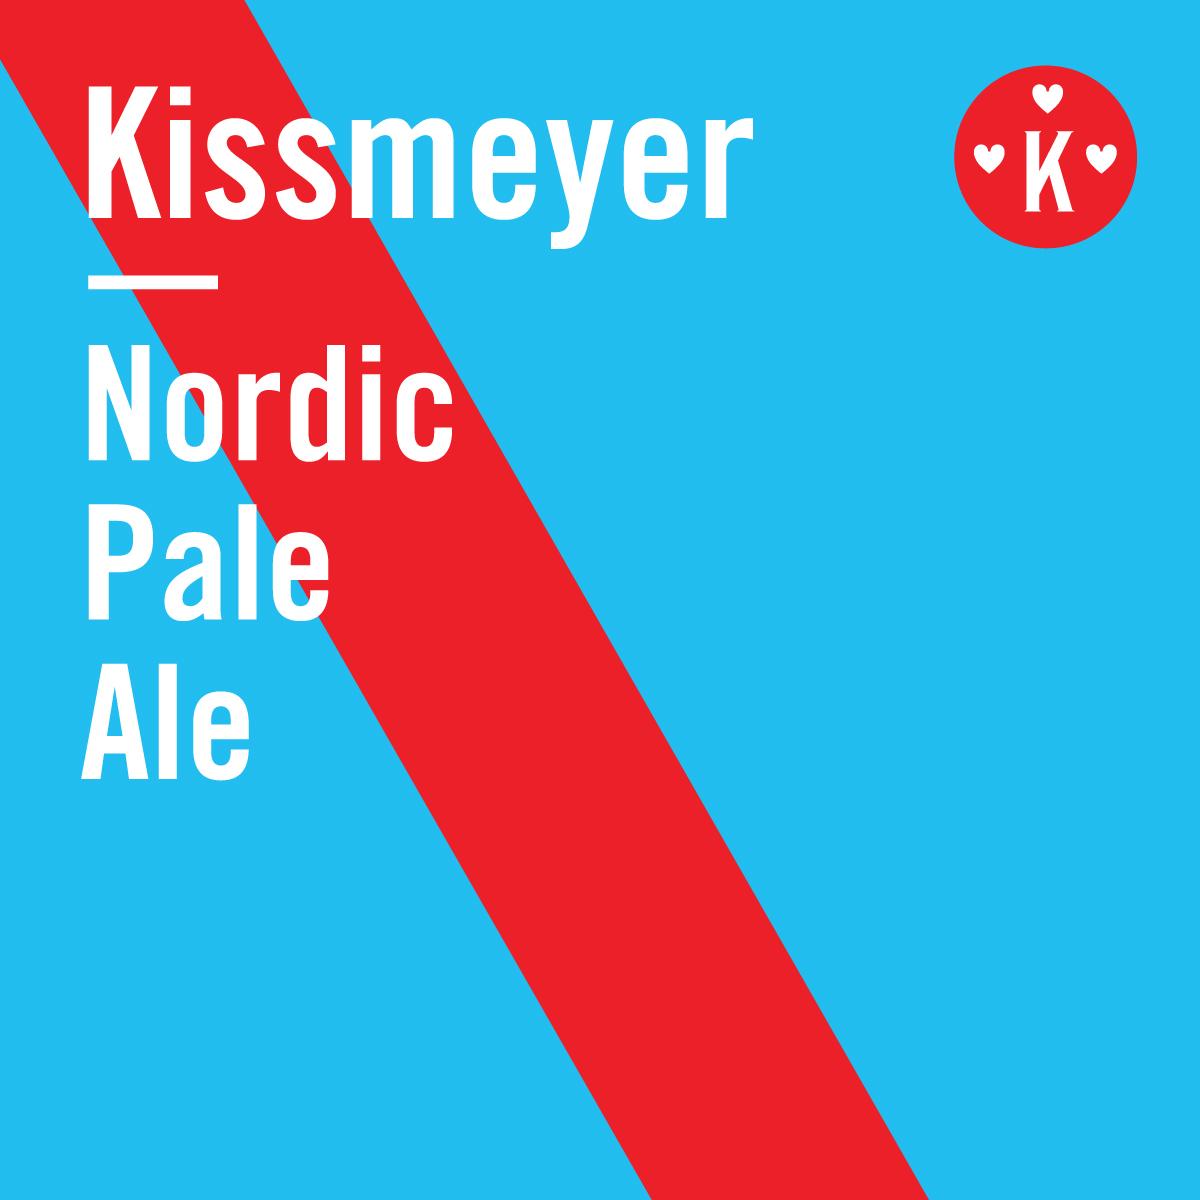 Kissmeyer-good.jpg